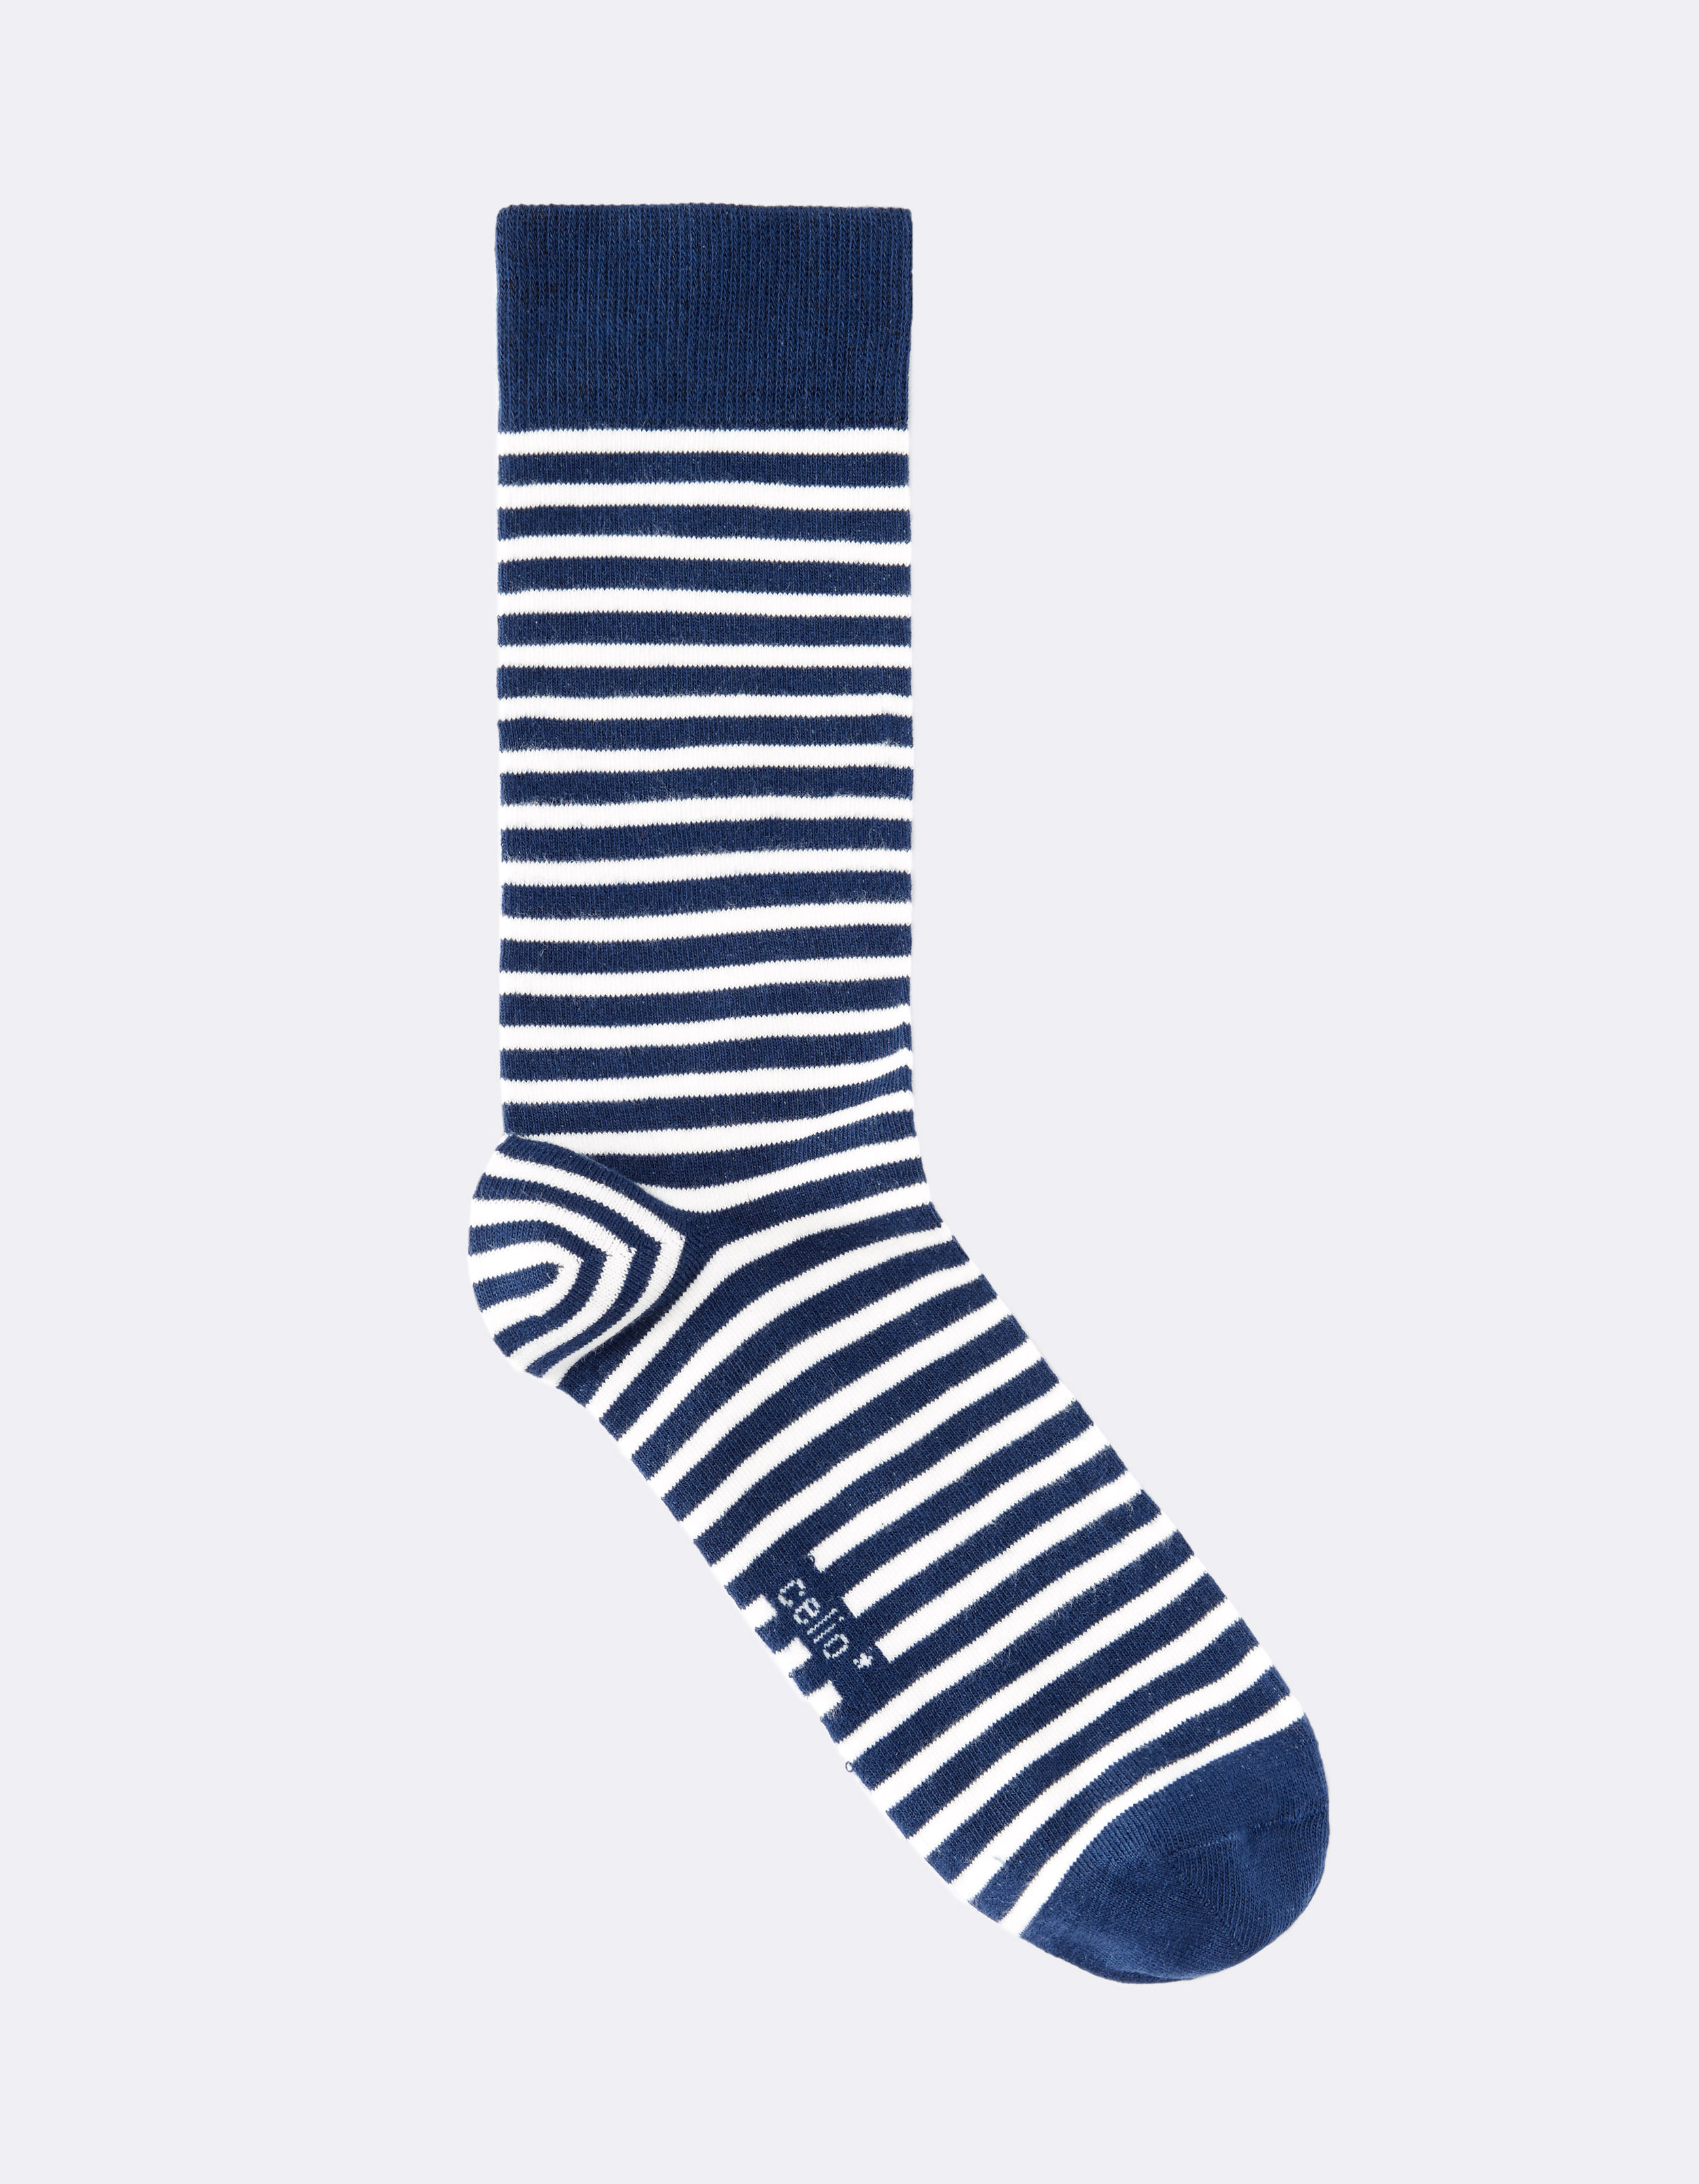 chaussettes fantaisies rayées Celio Club Prix 3,99 €